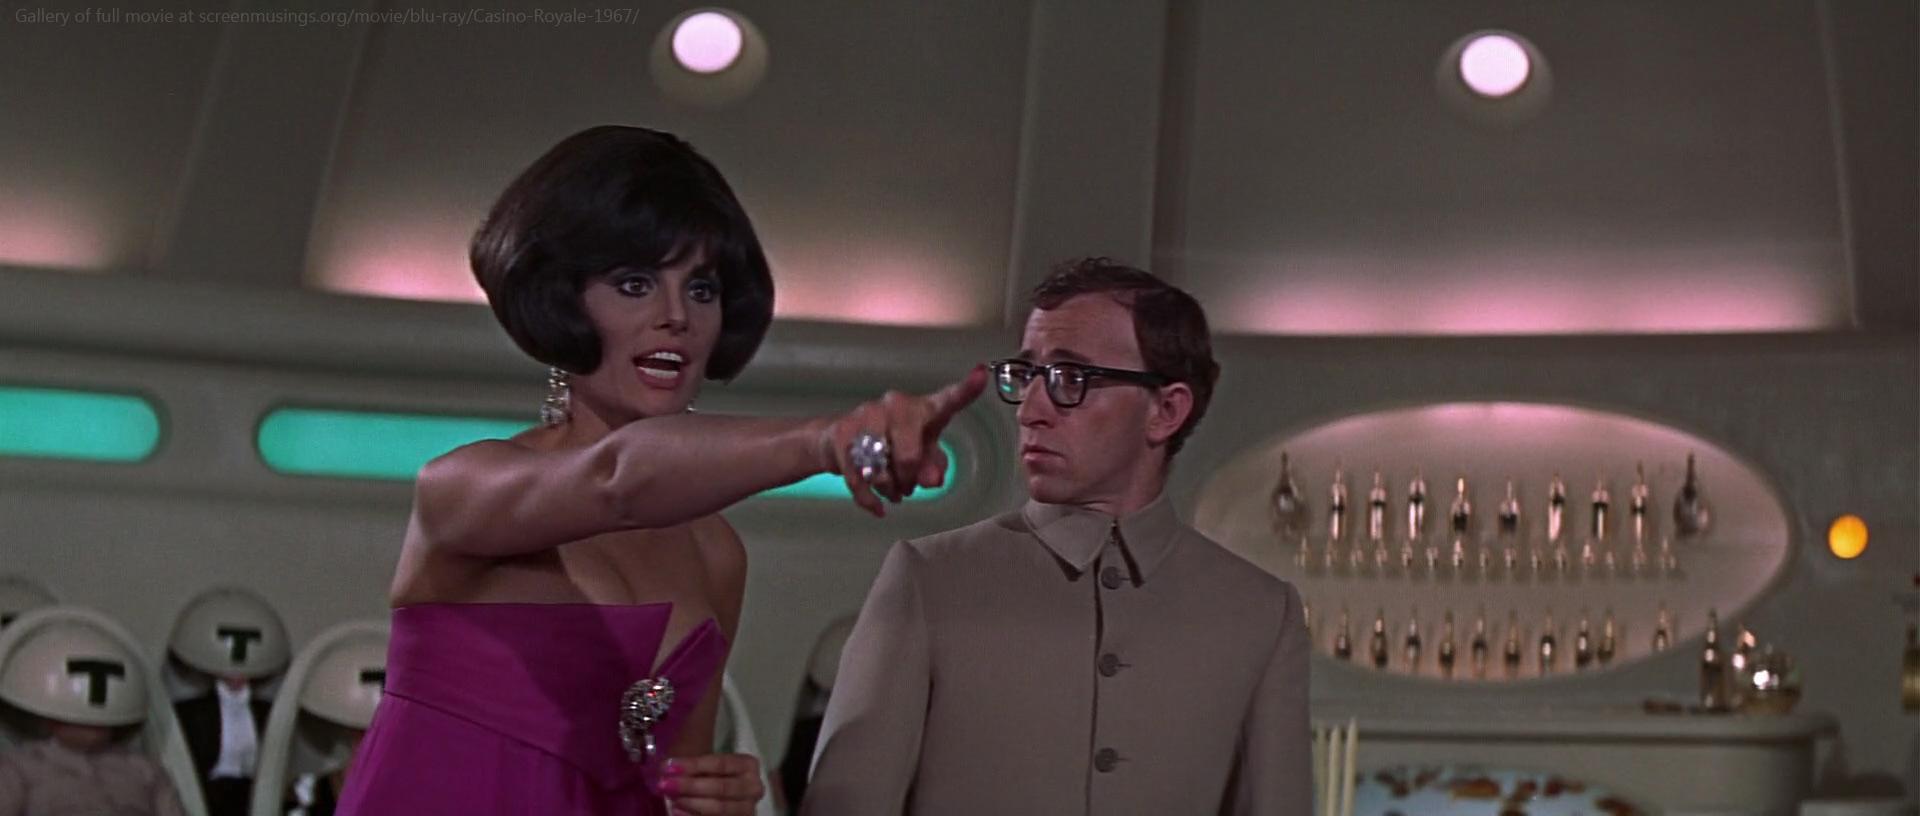 Casino royale 1967 kinox